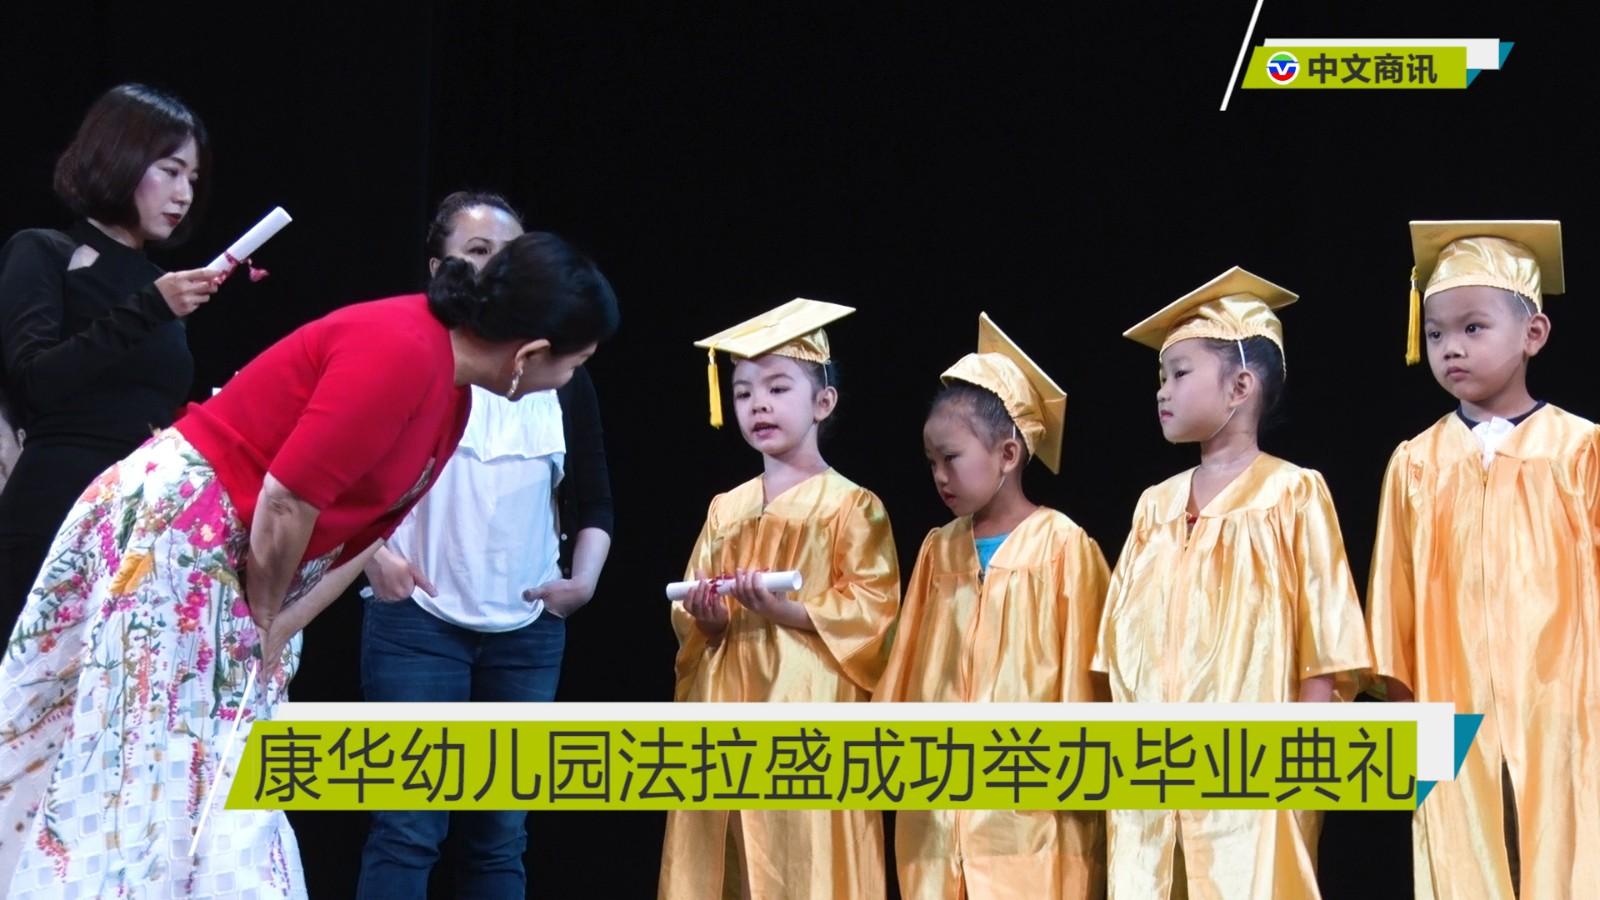 【视频】康华幼儿园法拉盛成功举办毕业典礼